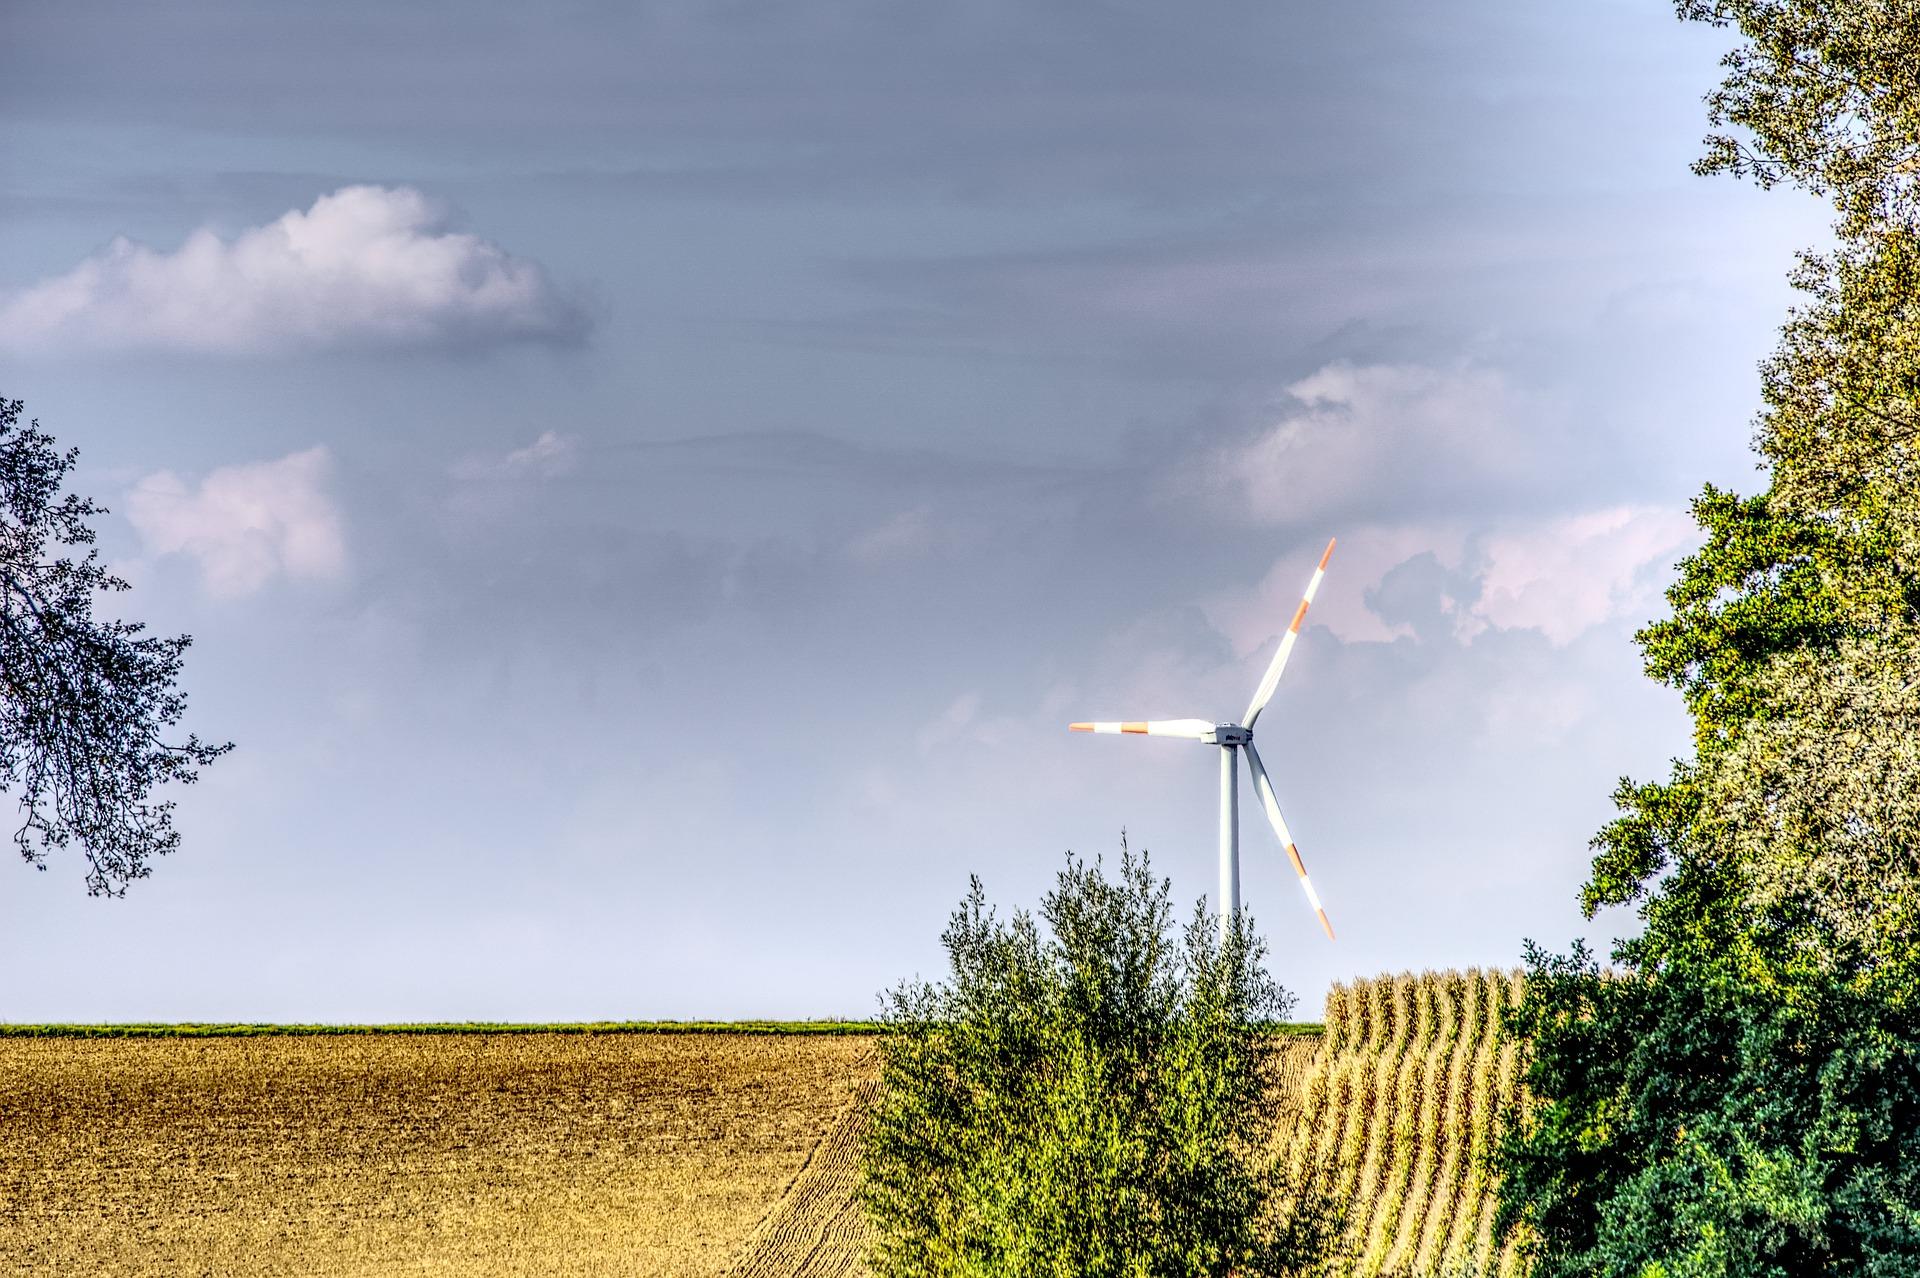 Entwicklung eines integrierten Klimaanpassungs- und Klimaschutz-Konzepts für das Kreisgebiet in Abstimmung mit den kreisangehörigen Kommunen